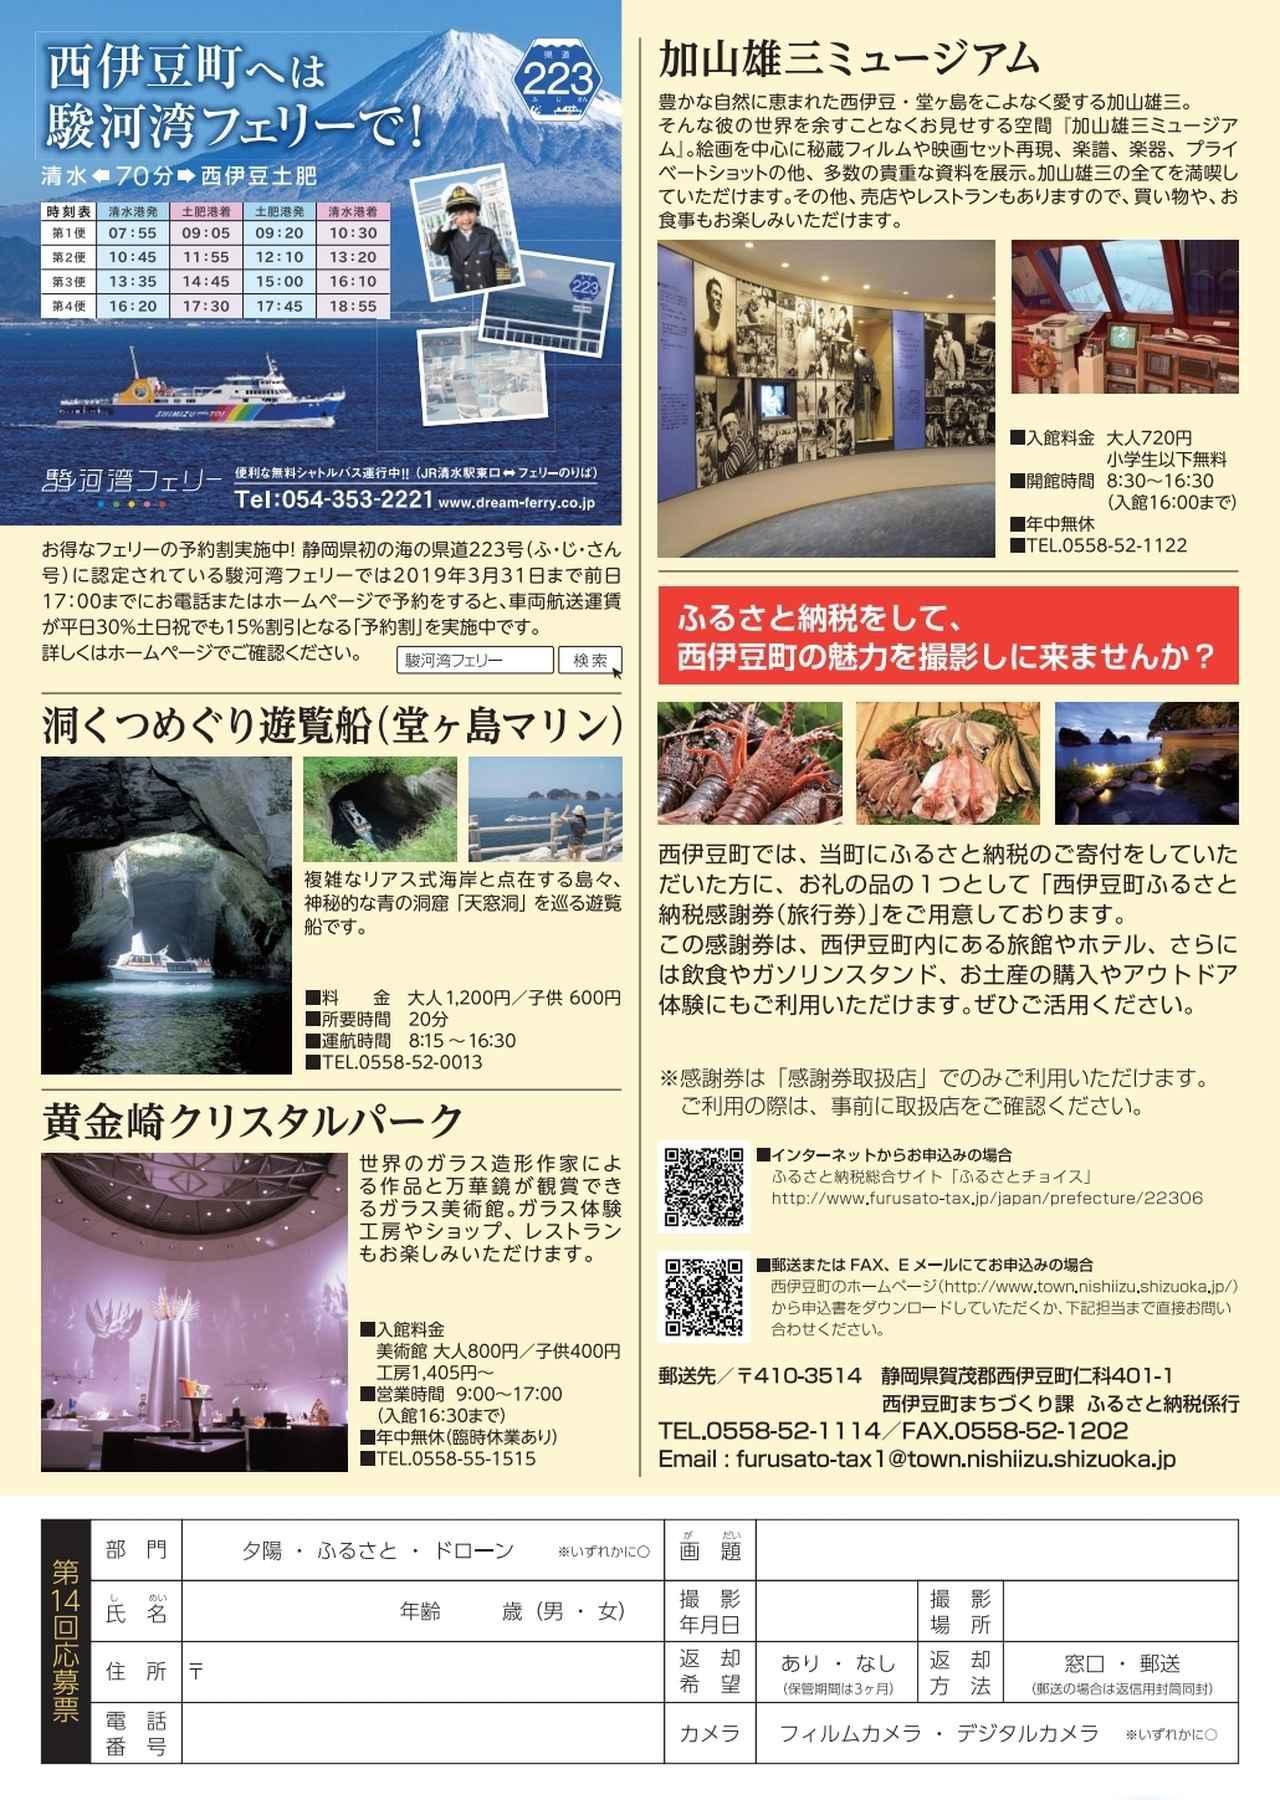 画像: 平成30年度「第14回夕陽のまち西伊豆町ふるさとフォトコンテスト」を実施します。   西伊豆町役場